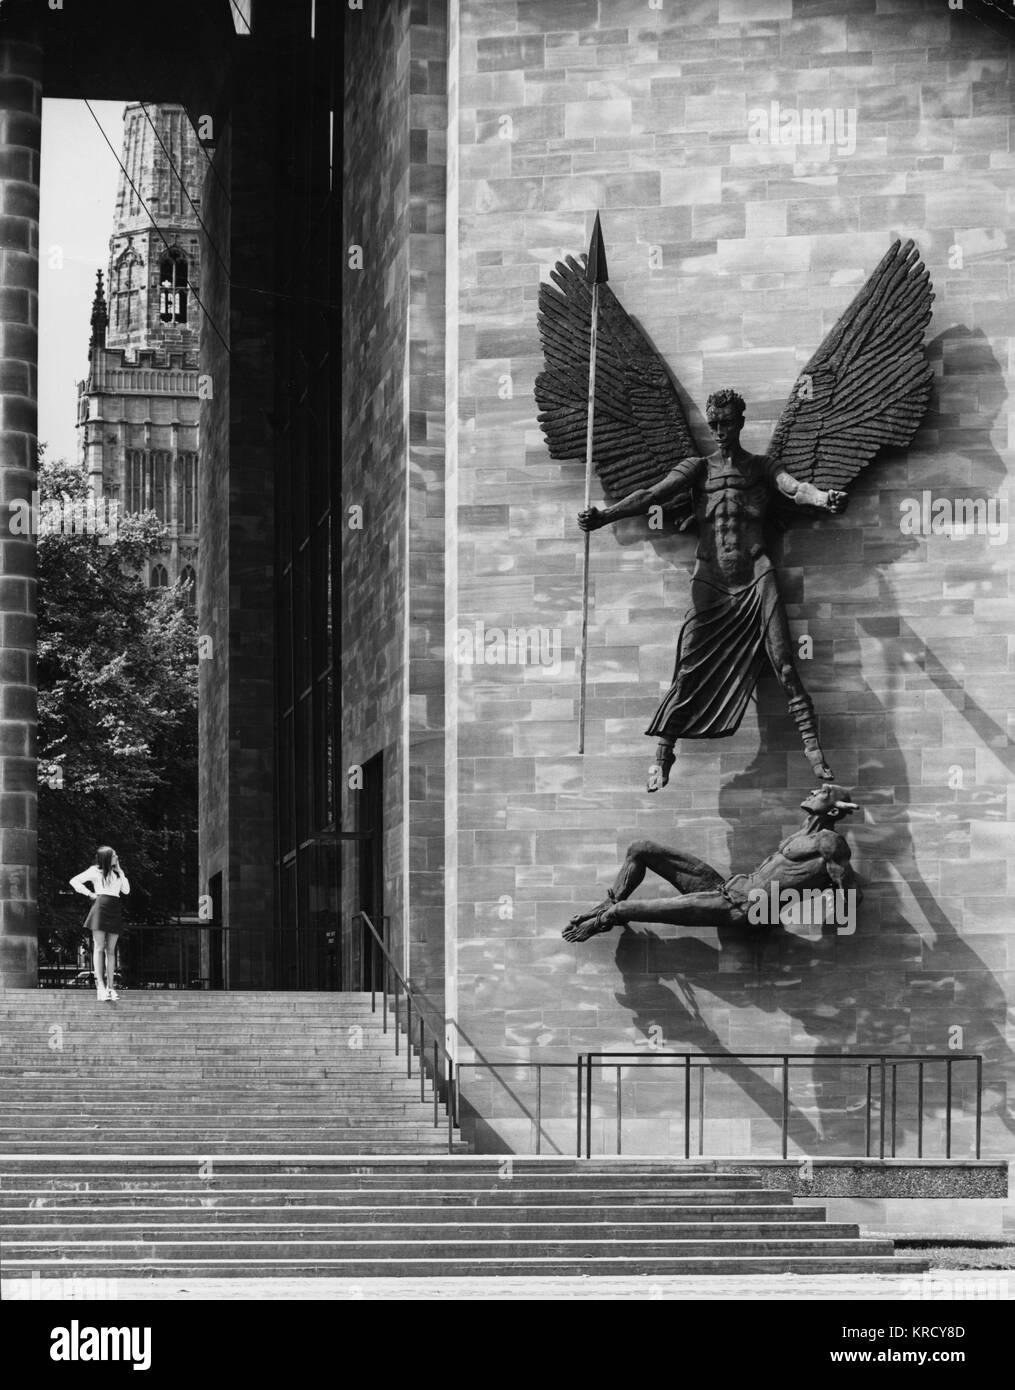 L'énorme (6 mètres de haut) sculpture de Saint Michael vaincre le Diable (Lucifer) (1958) sculptée Photo Stock